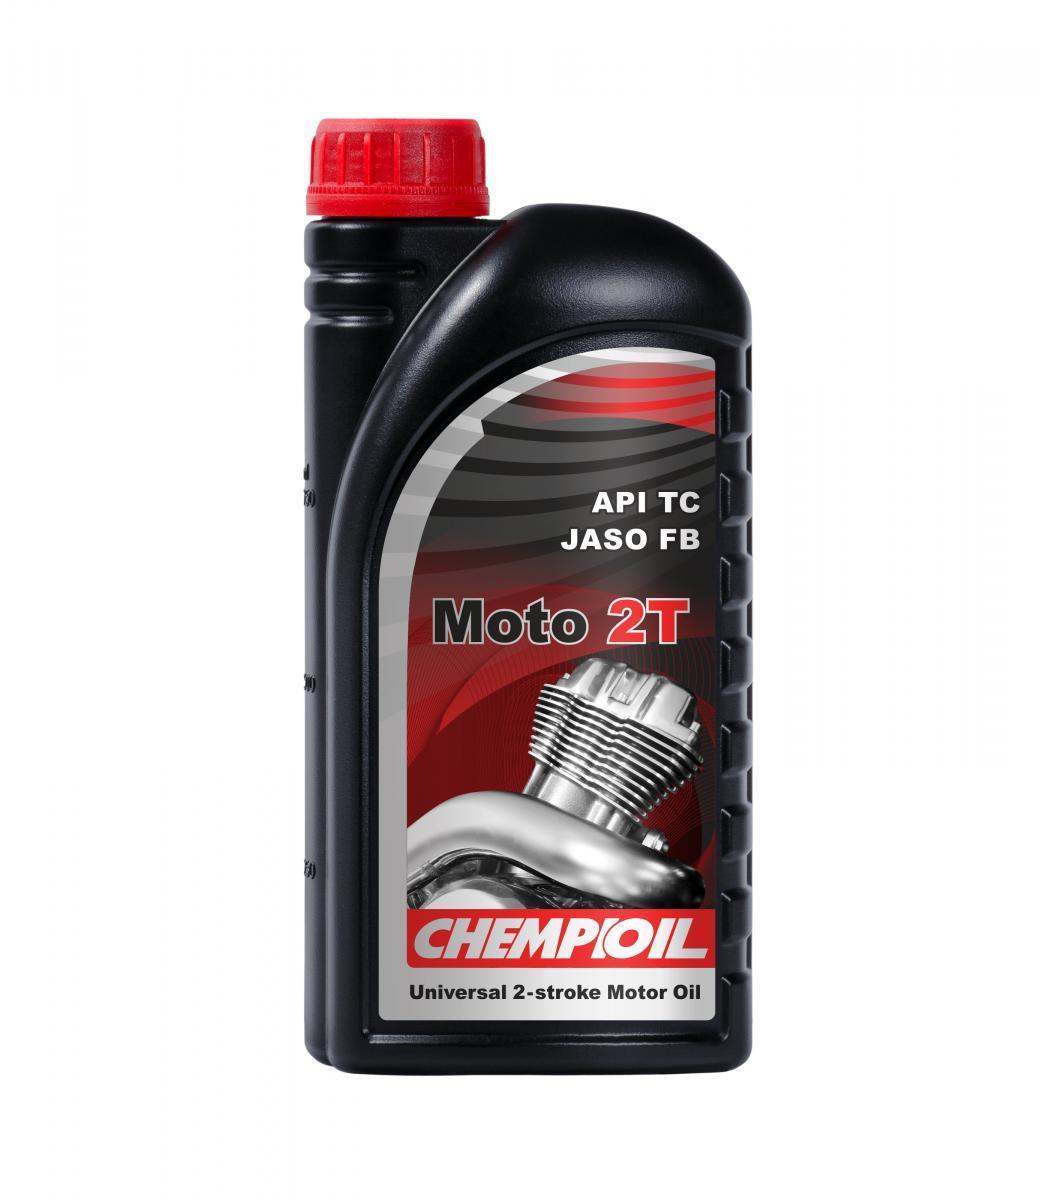 CHEMPIOIL MOTO, 2T Motorolja 1l CH9201-1 VESPA